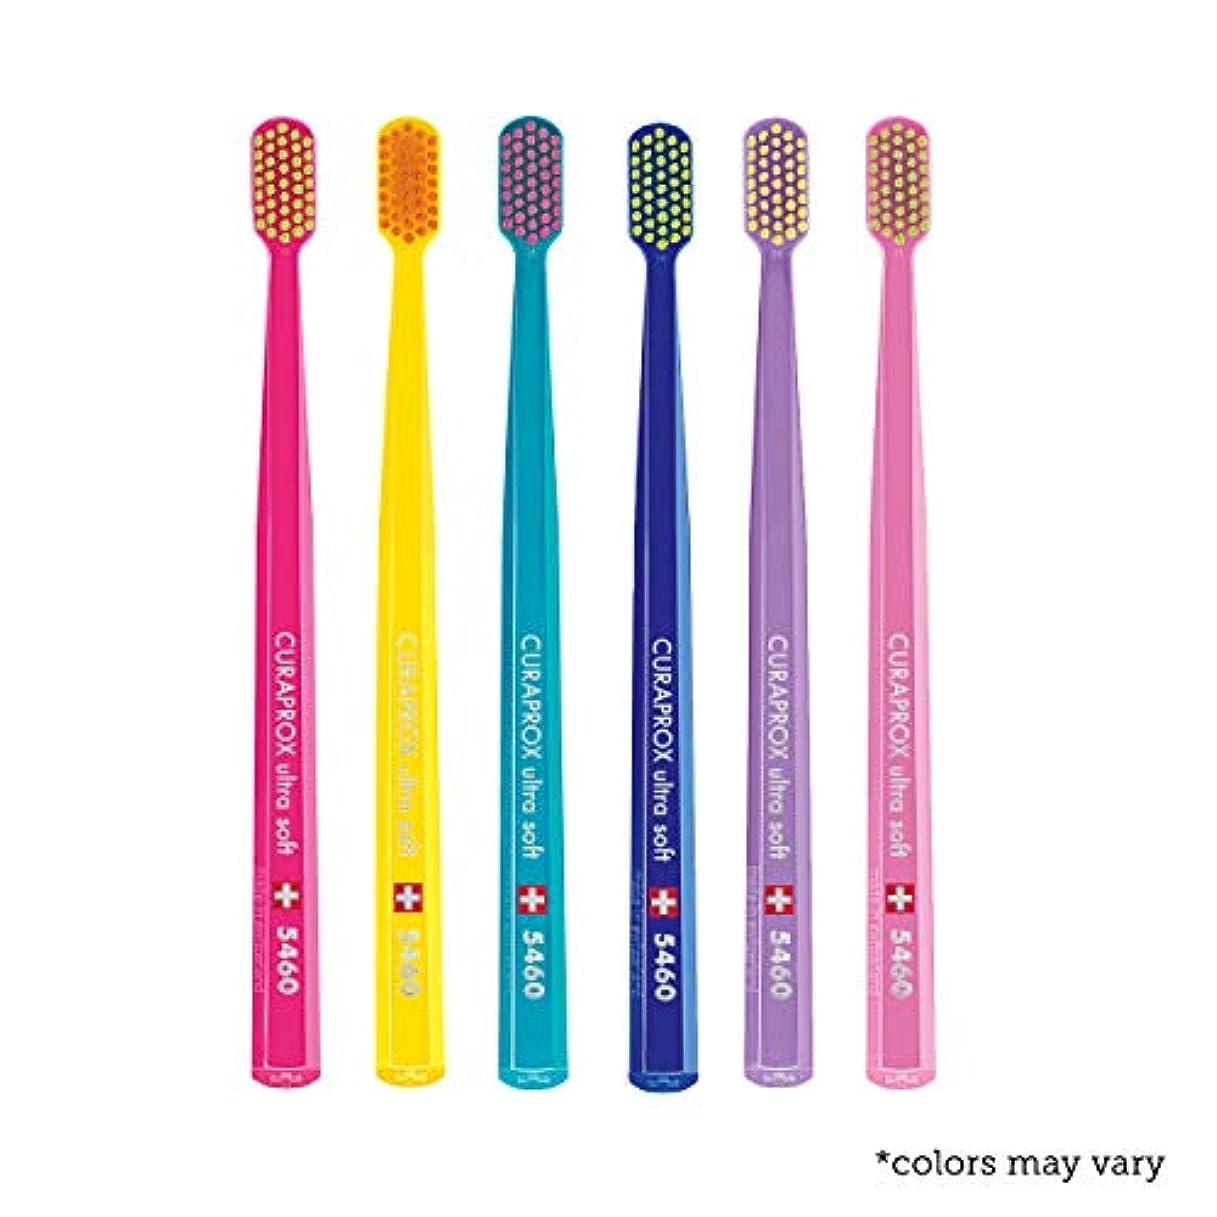 許容議論する干ばつUltra soft toothbrush, 6 brushes, Curaprox Ultra Soft 5460. Softer feeling & better cleaning, in amazing vivid...